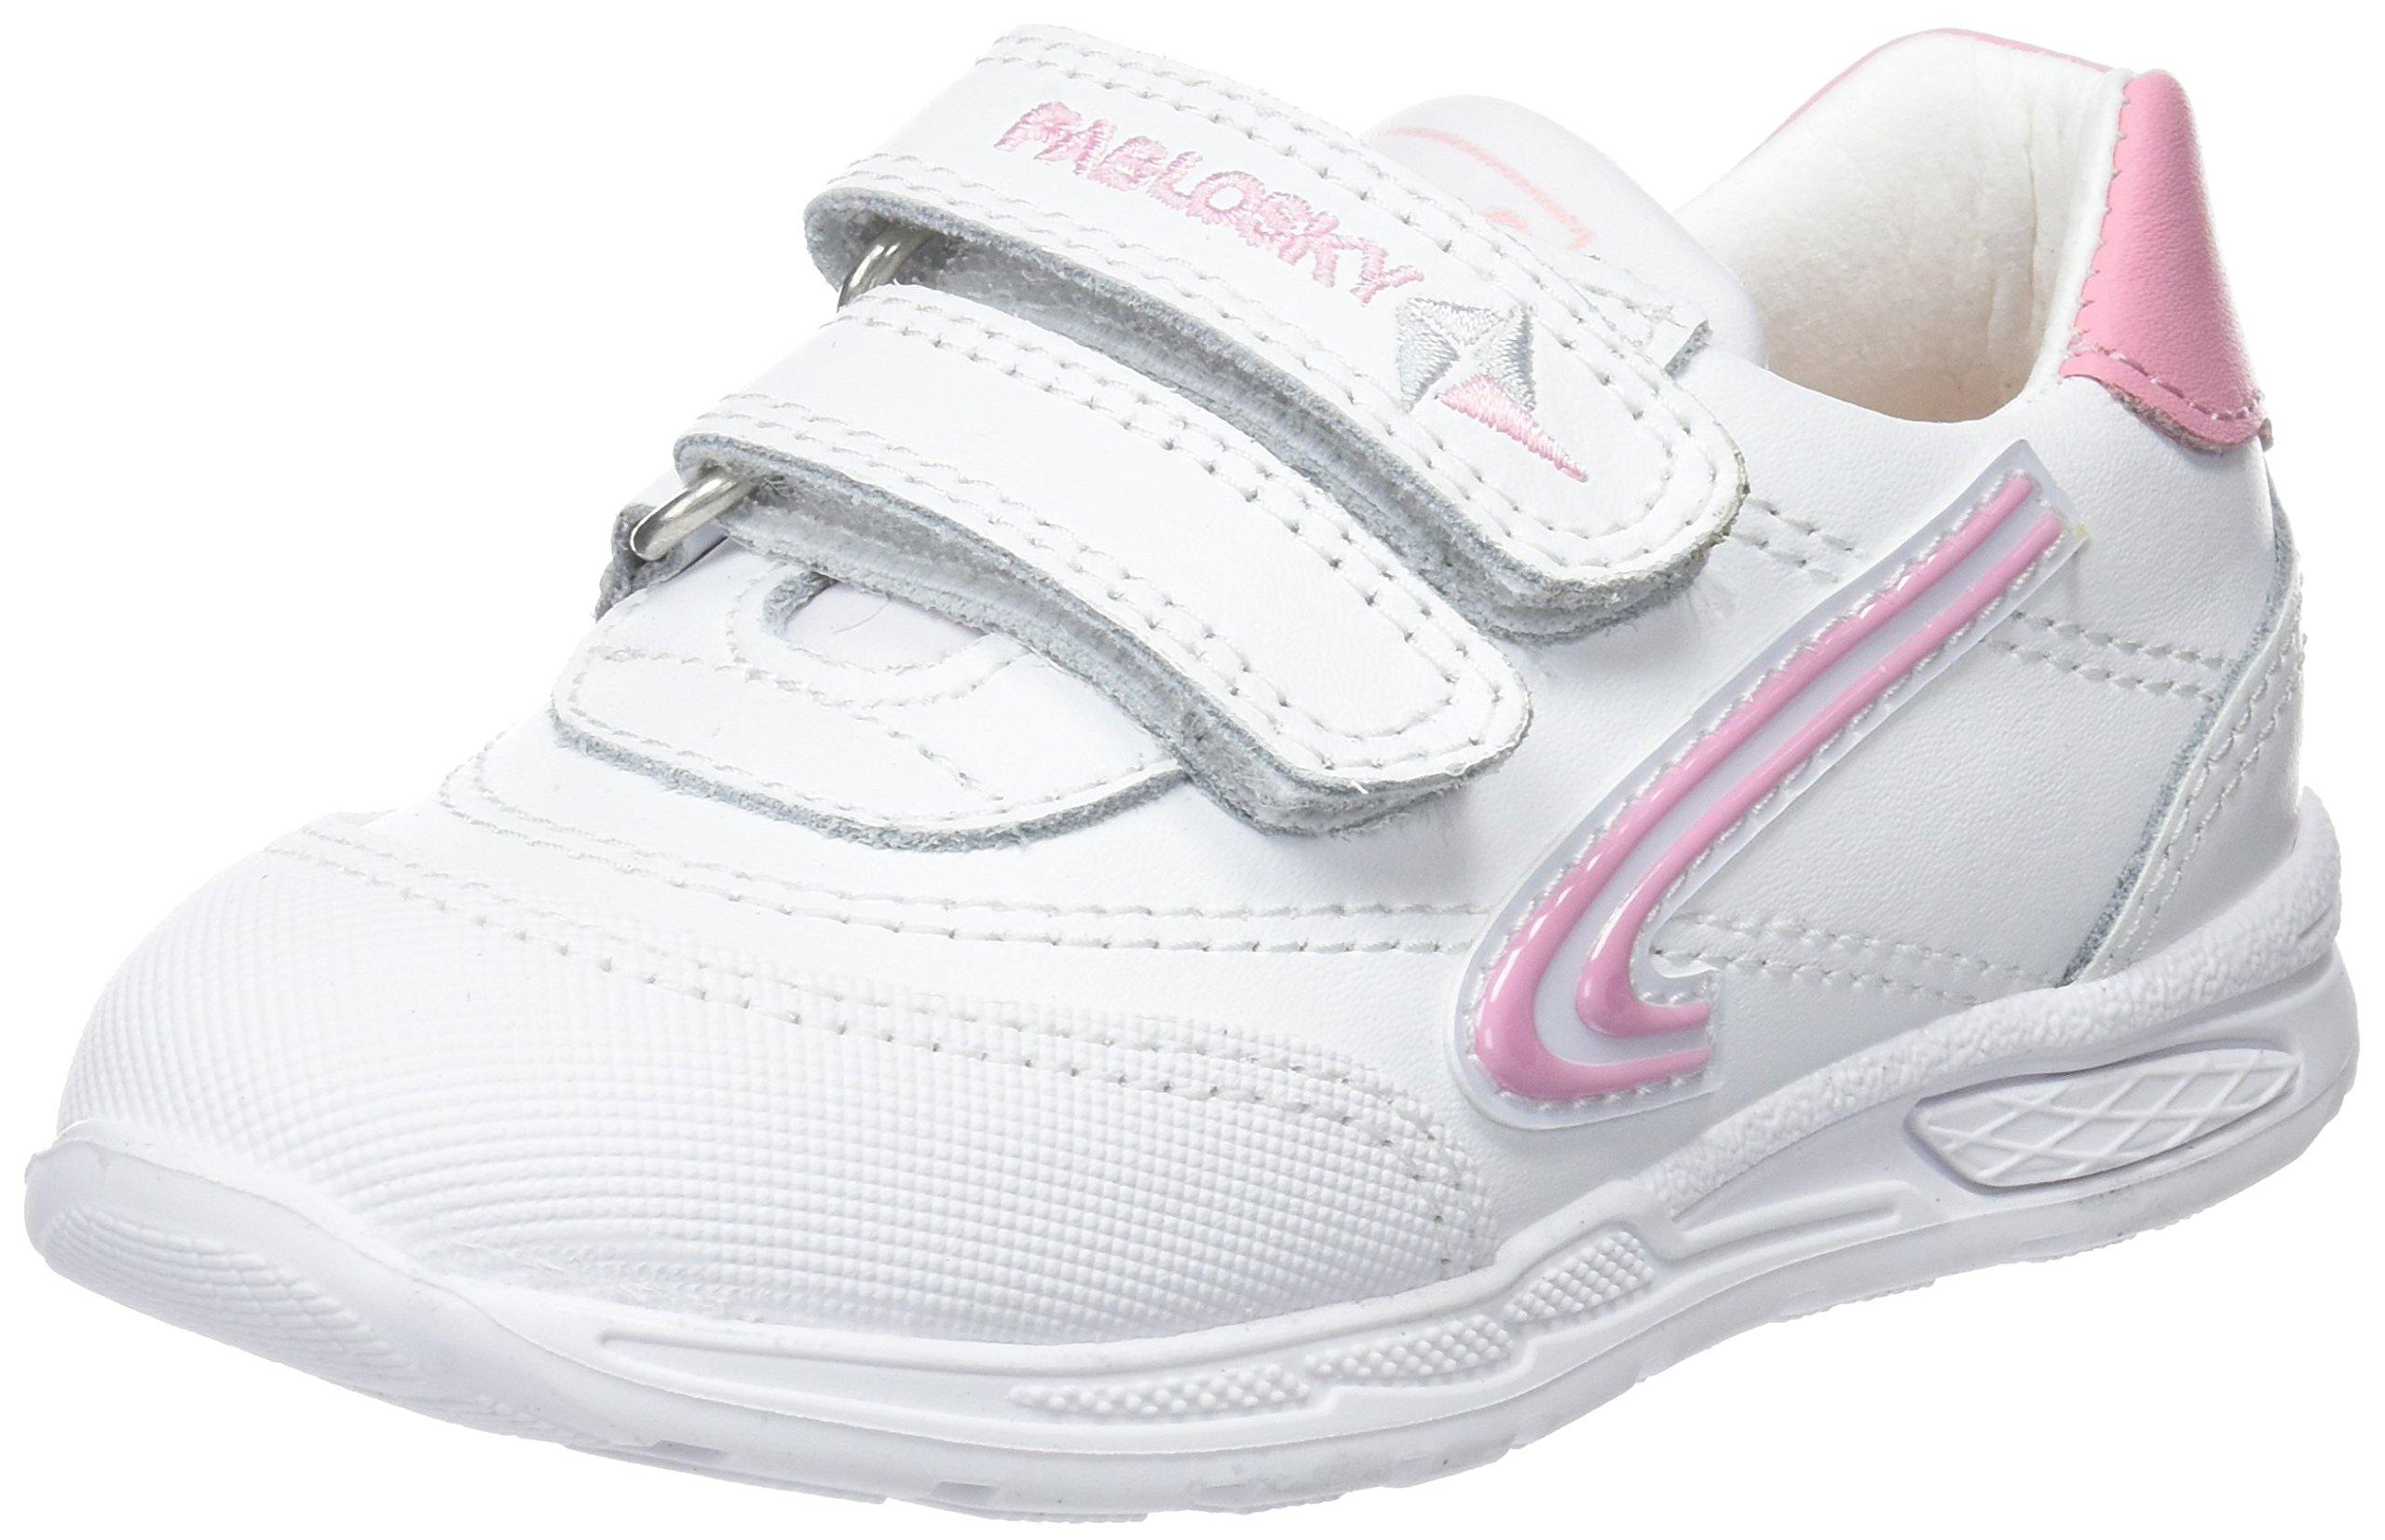 Pablosky 267908, Zapatillas para Niñas product image